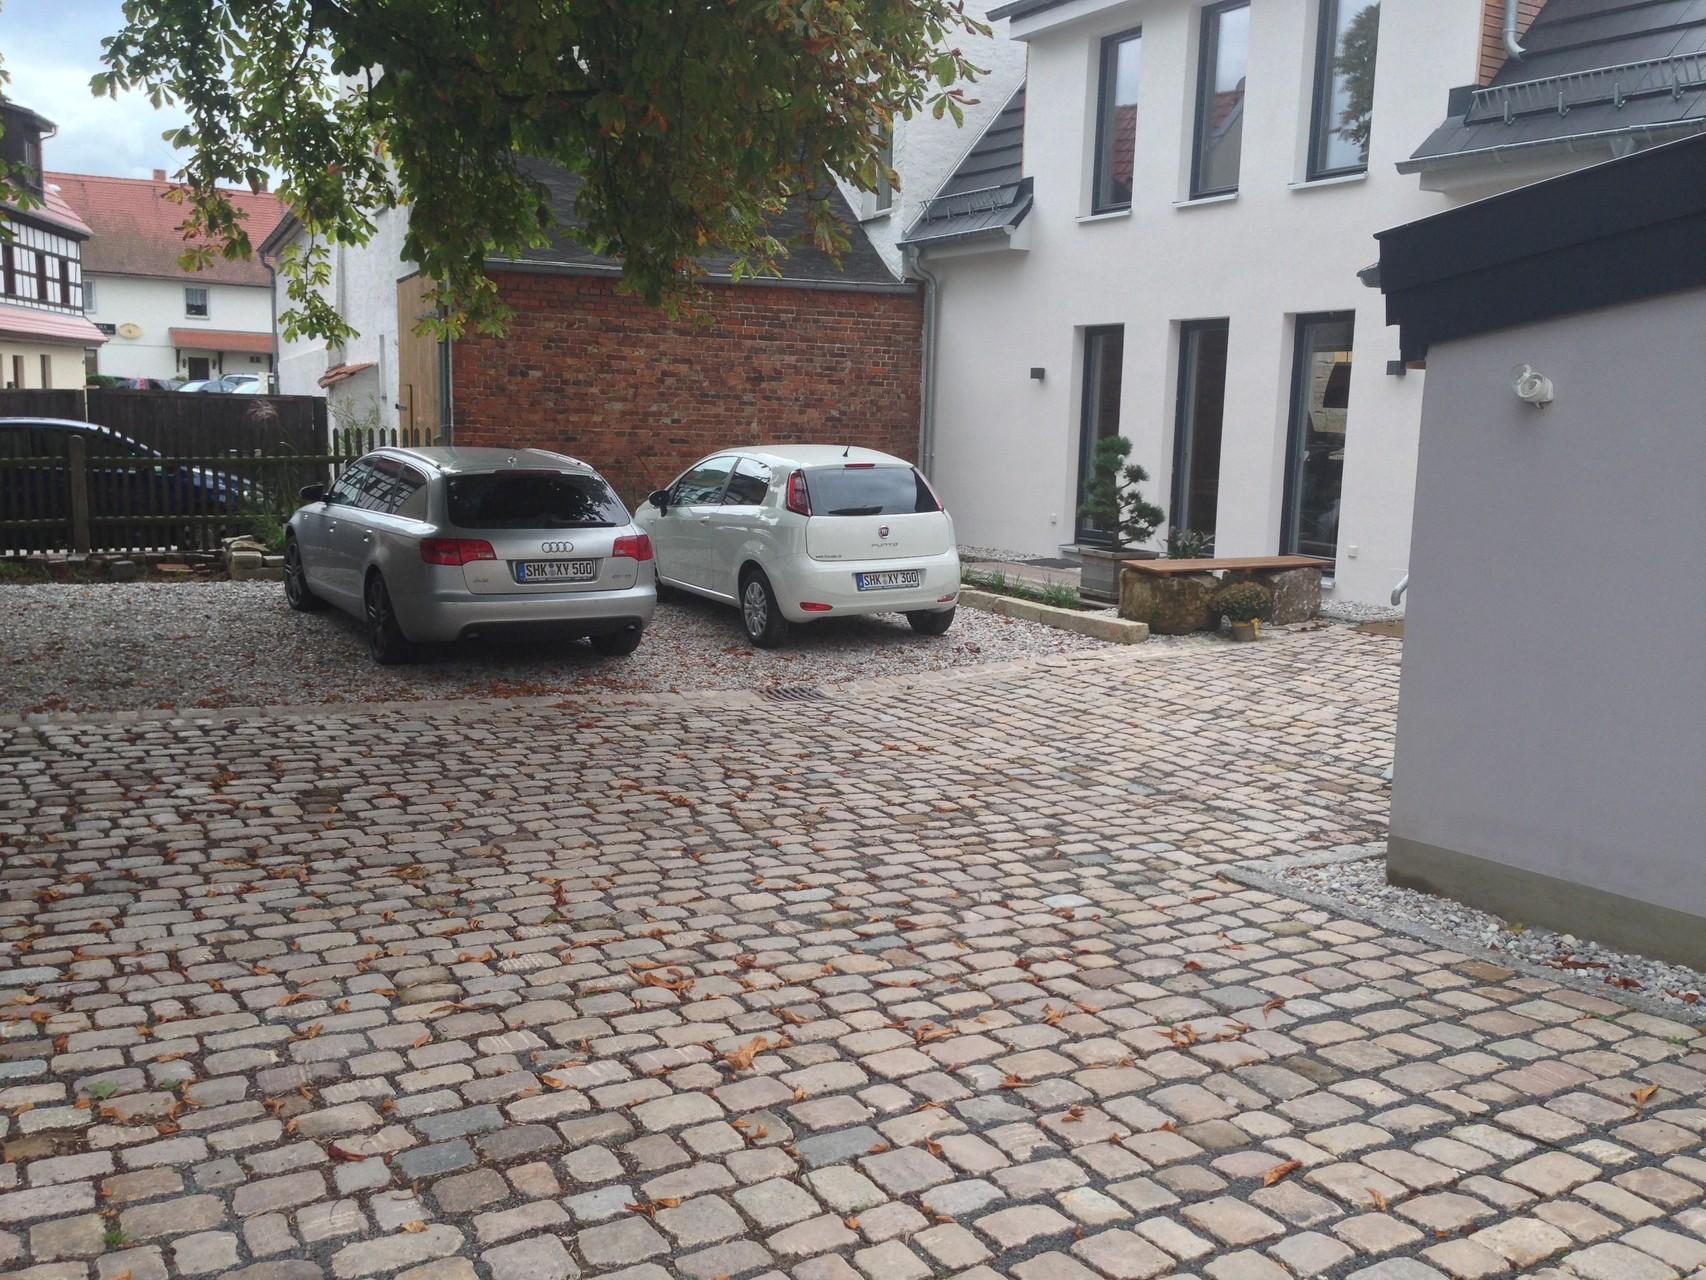 Hinterhofgestaltung mit Naturstein-Großpflaster und Rollkies